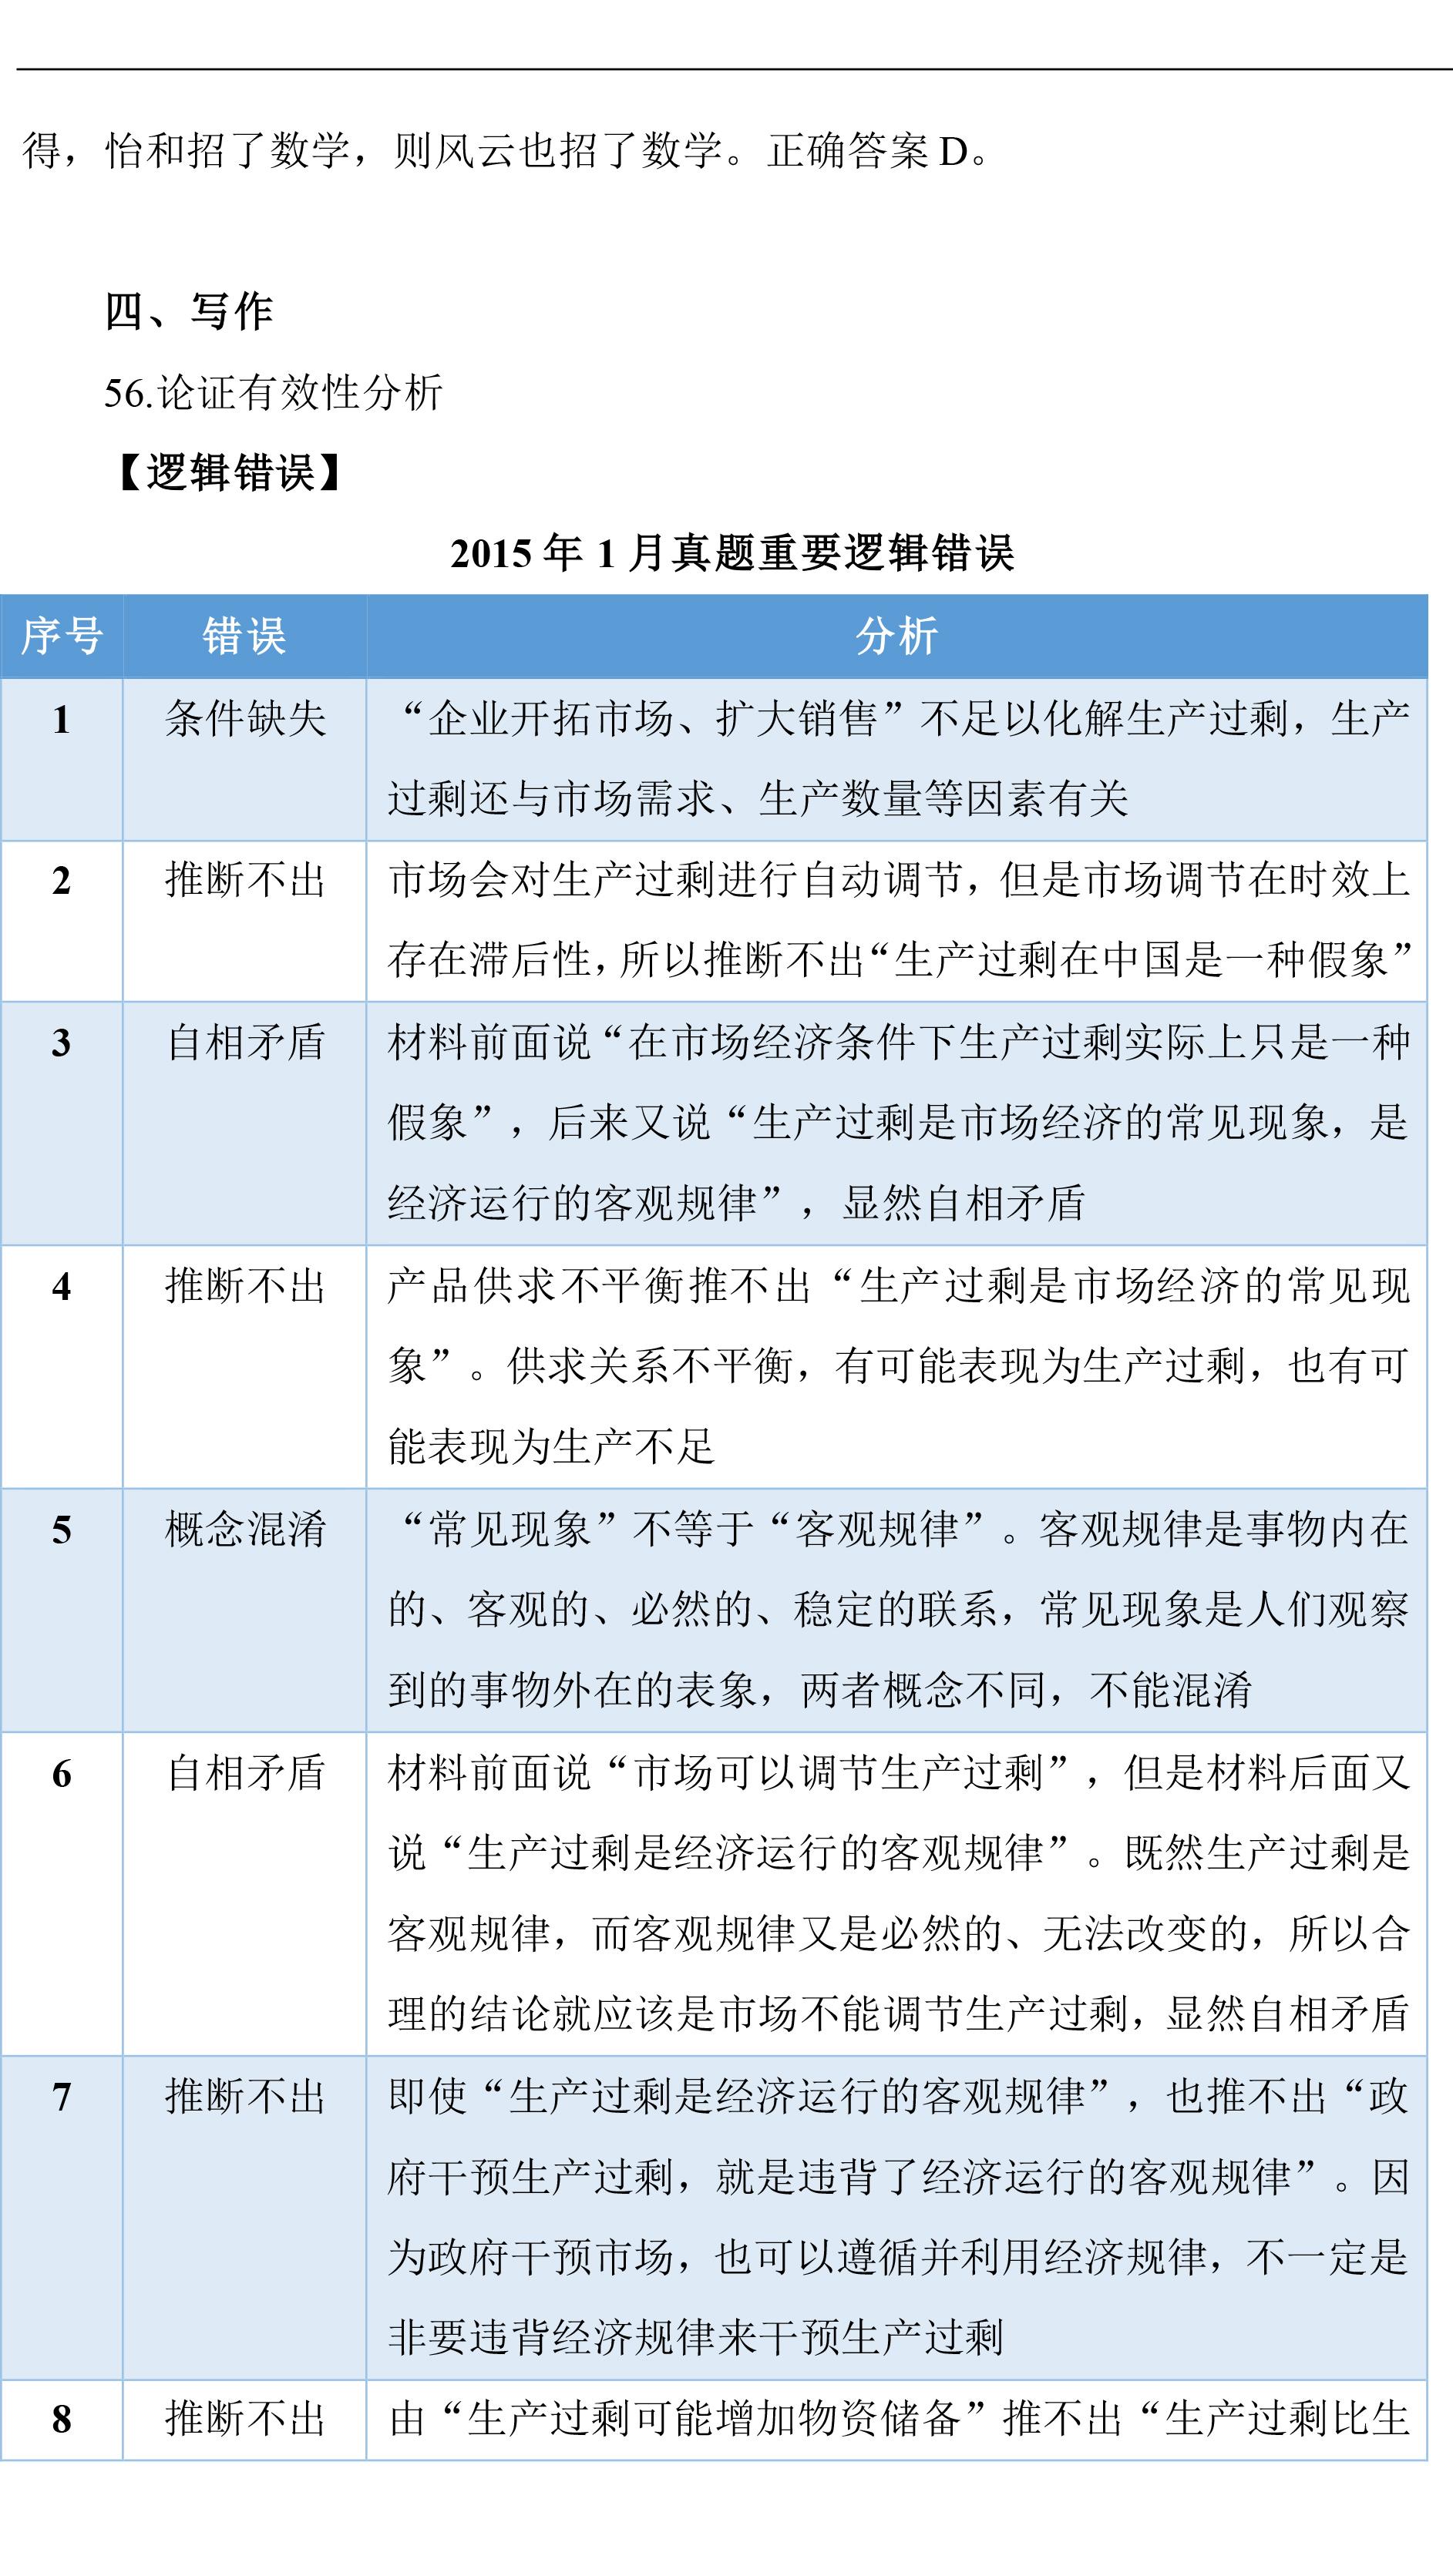 真题试卷集-综合-2014~2018-解析-34.jpg